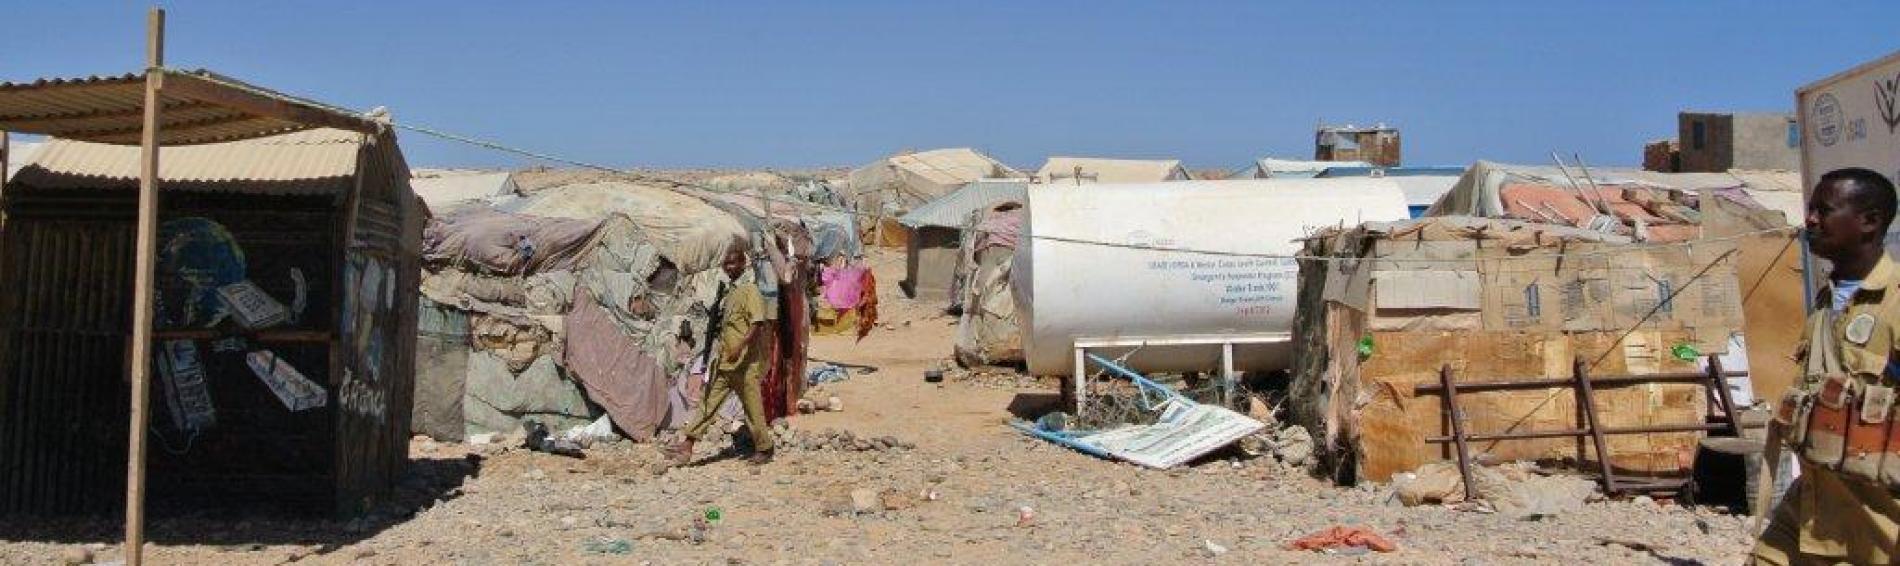 Flüchtlingscamp in Bosaso. Foto: BR